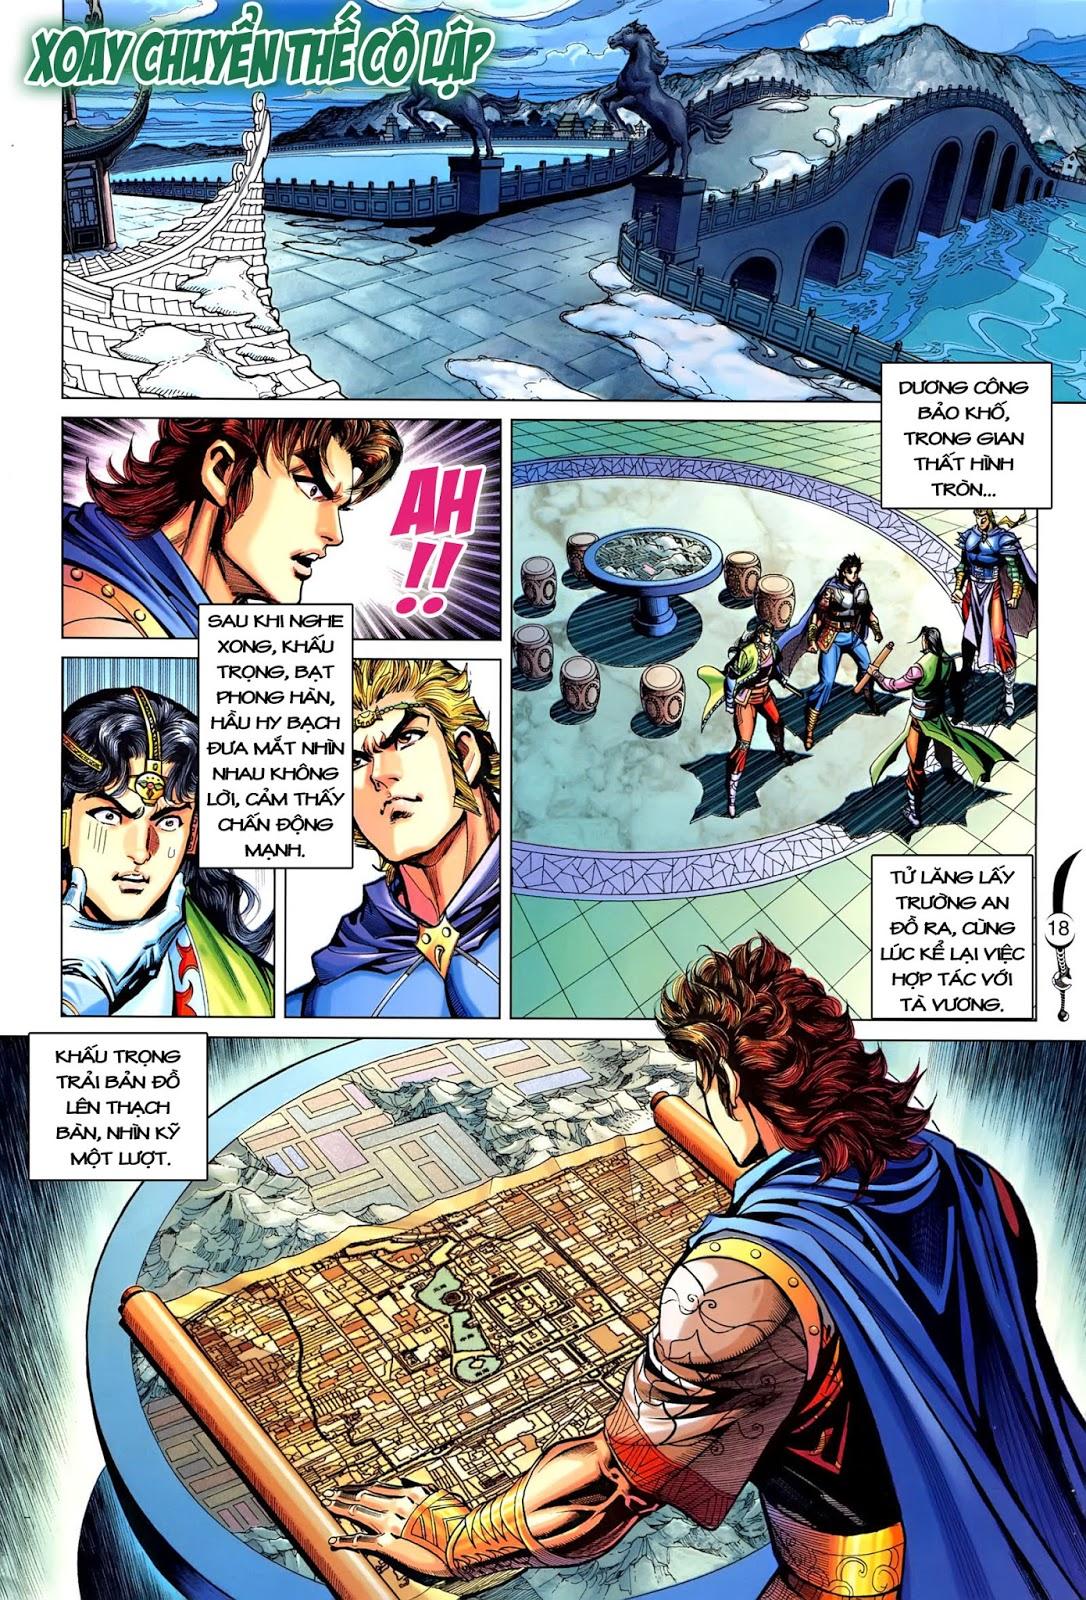 Đại Đường Song Long Truyện chap 216 - Trang 20